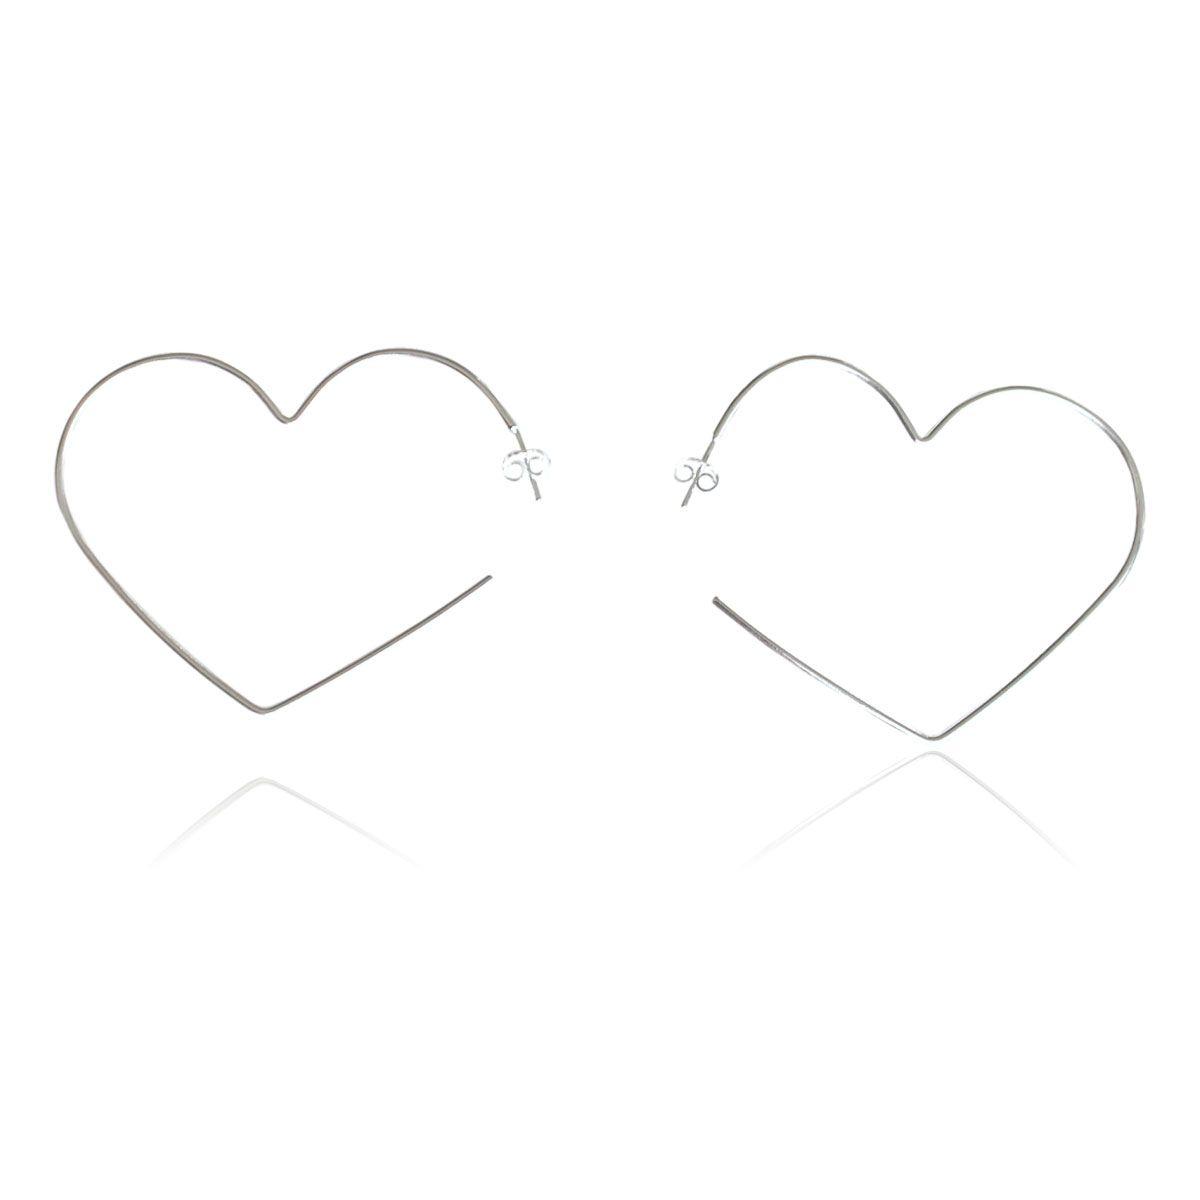 Brinco Díspar 2165 Coração Pequeno - Prata